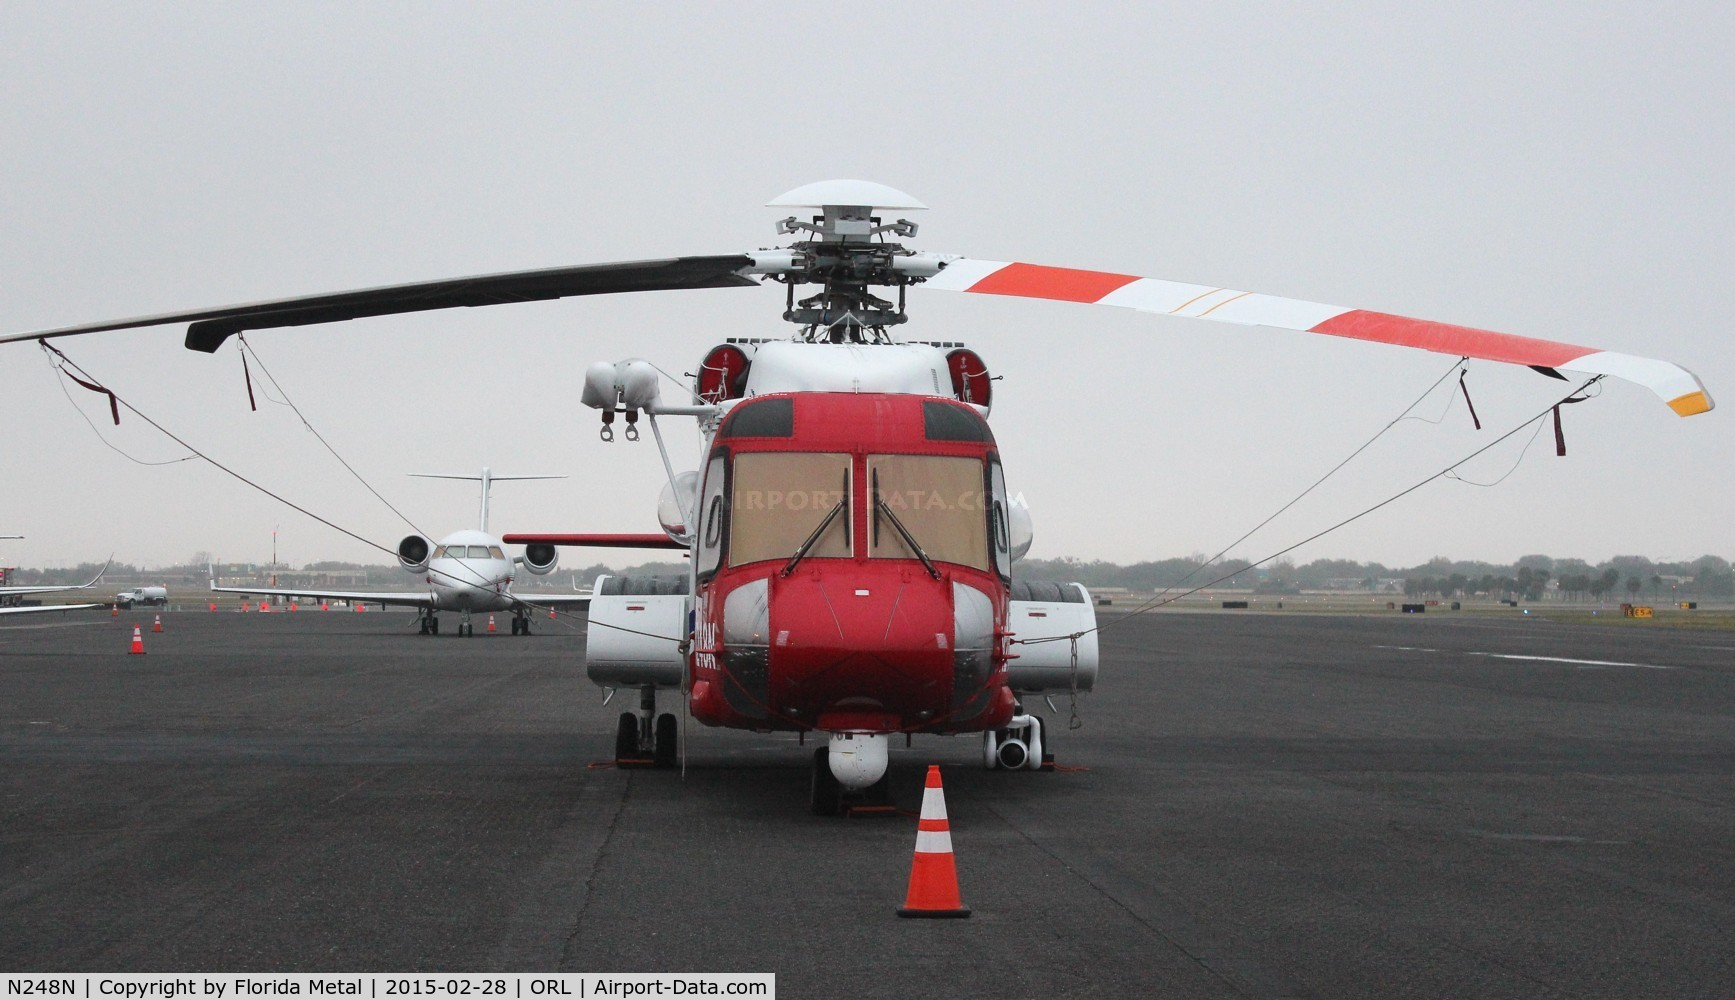 N248N, 2014 Sikorsky S-92A C/N 920248, Sikorsky S-92 HMS Coast Guard